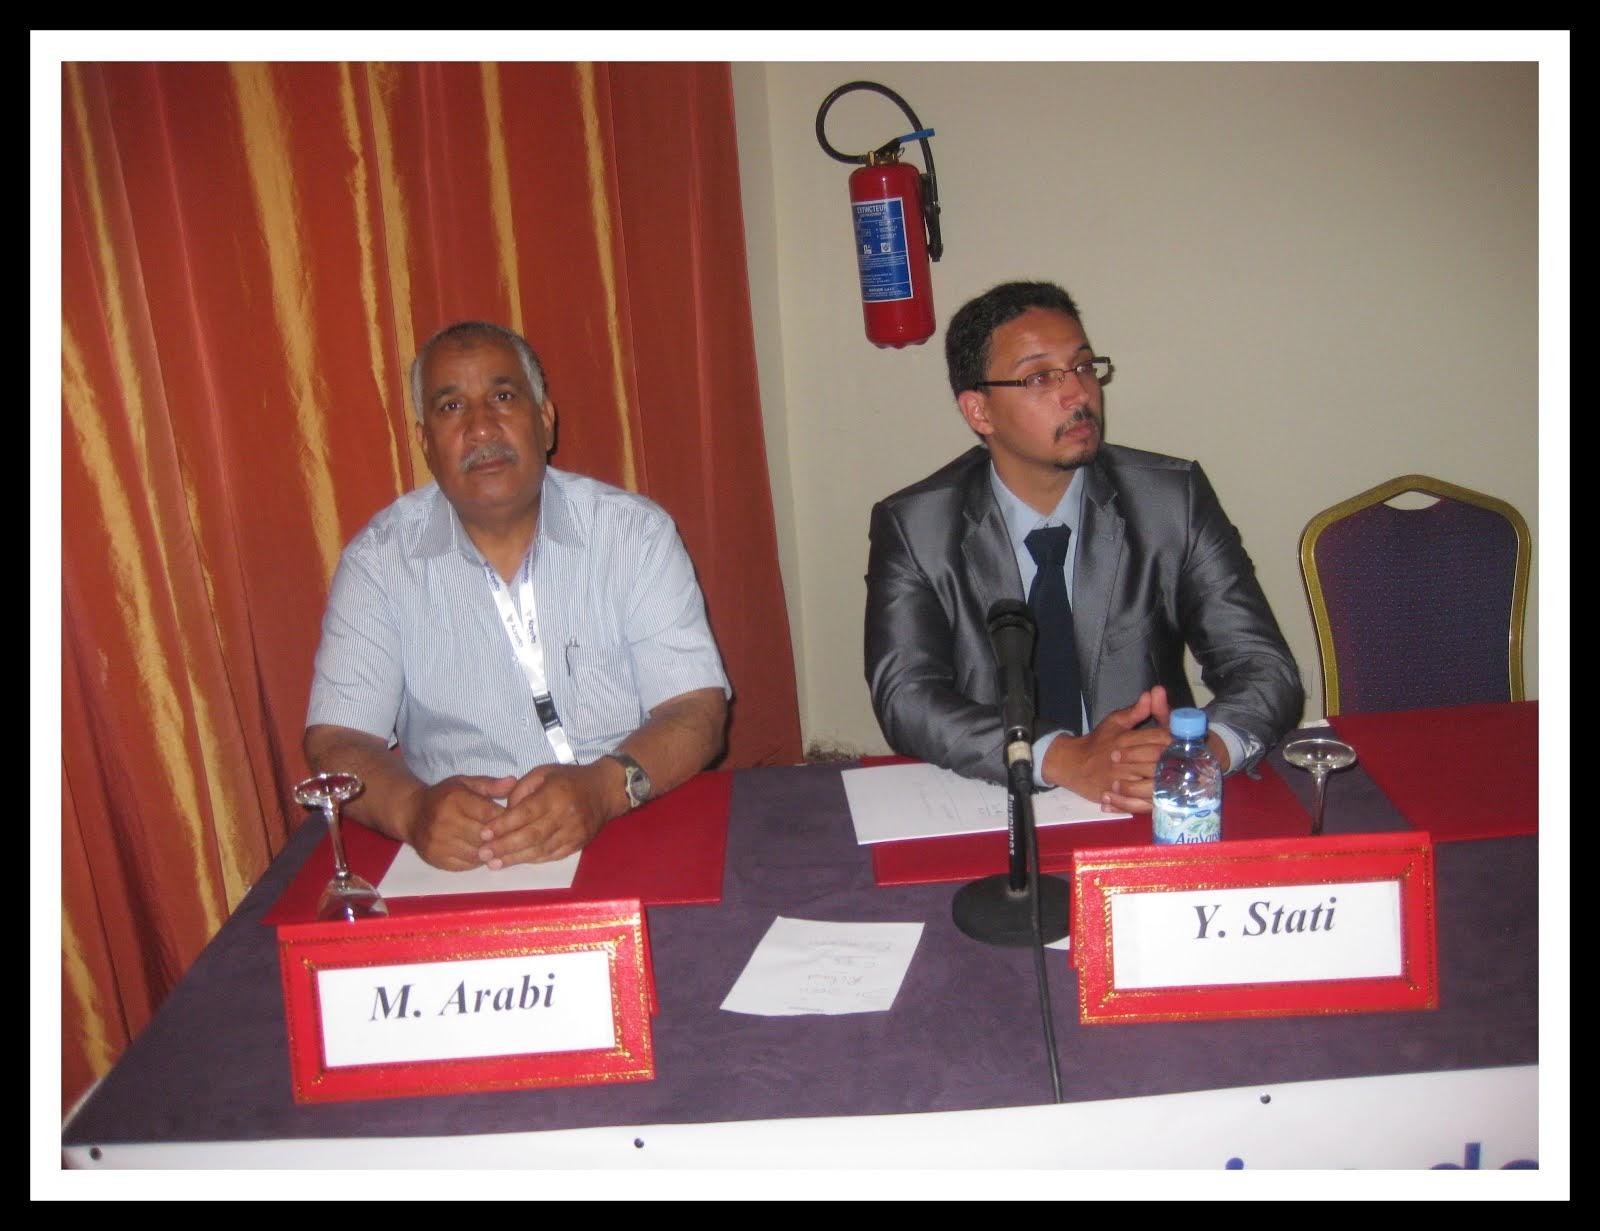 LA JOURNEE D AMIBOTO AU CONGRE SMACOT DU 10 05.2014 HOTEL PALM PLAZA MARRAKECH